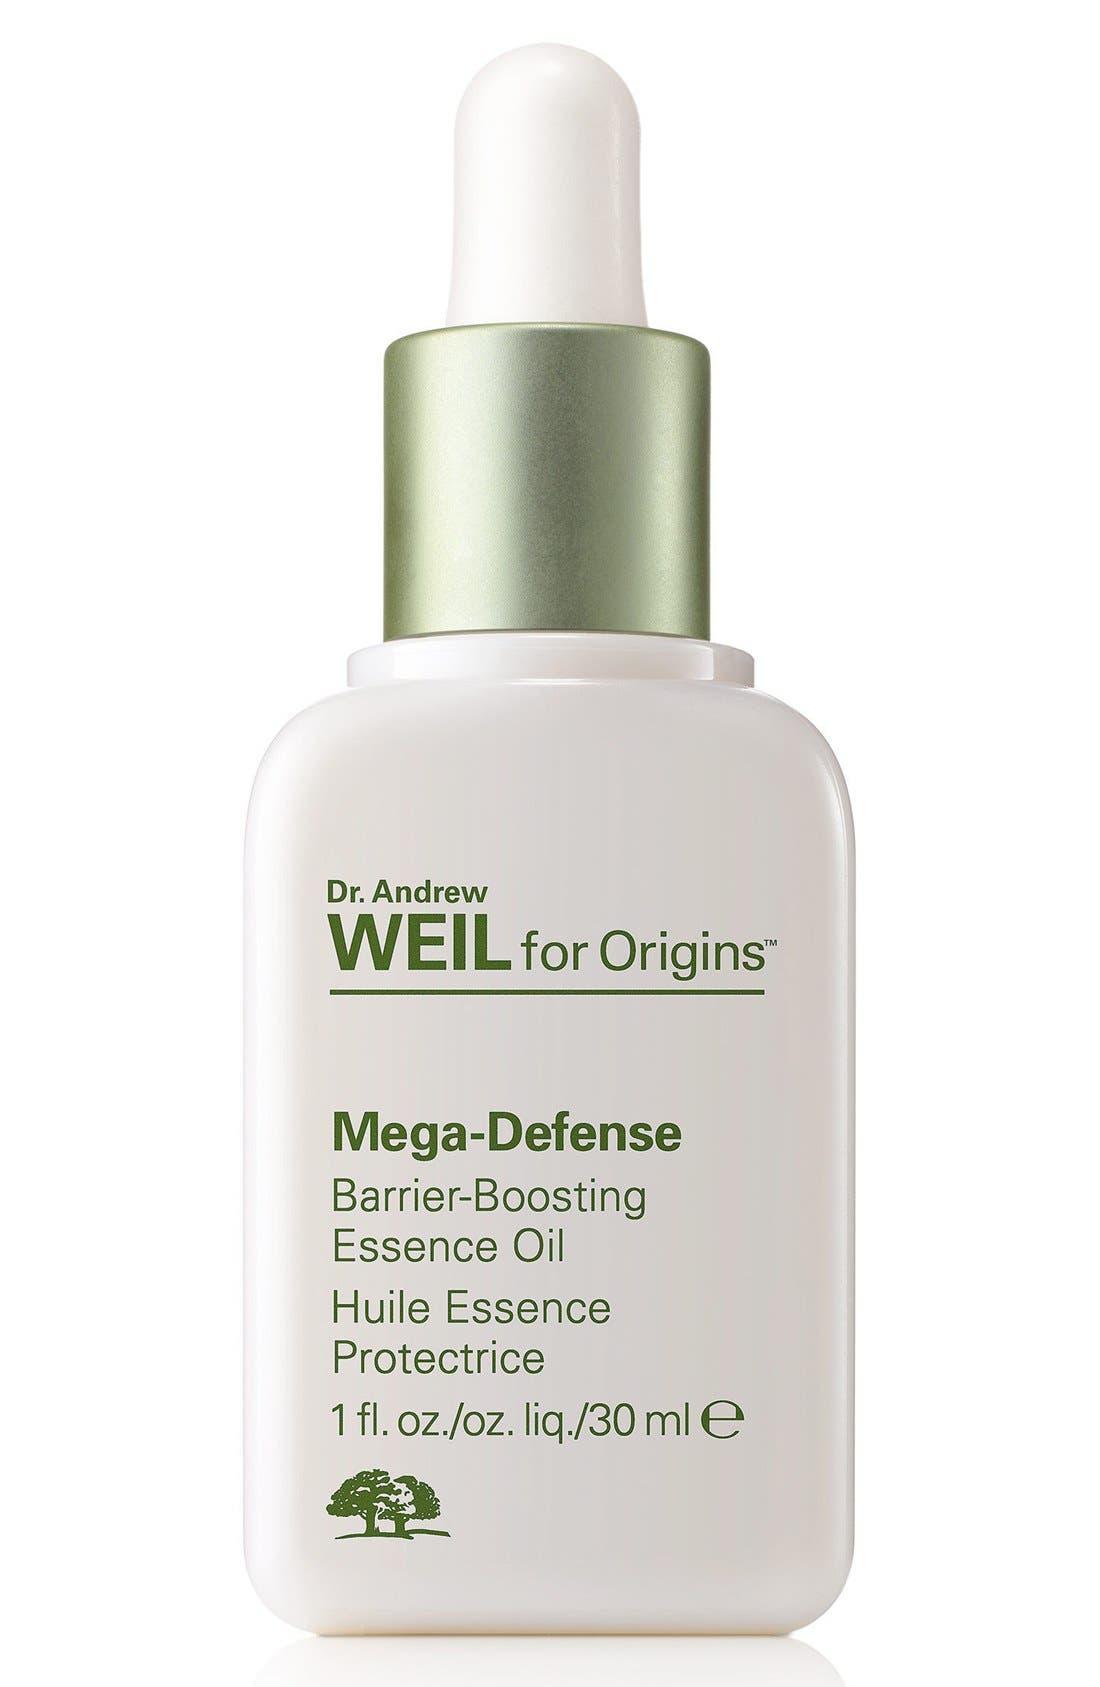 Origins Dr. Andrew Weil for Origins™ Mega-Defense Barrier-Boosting Essence Oil